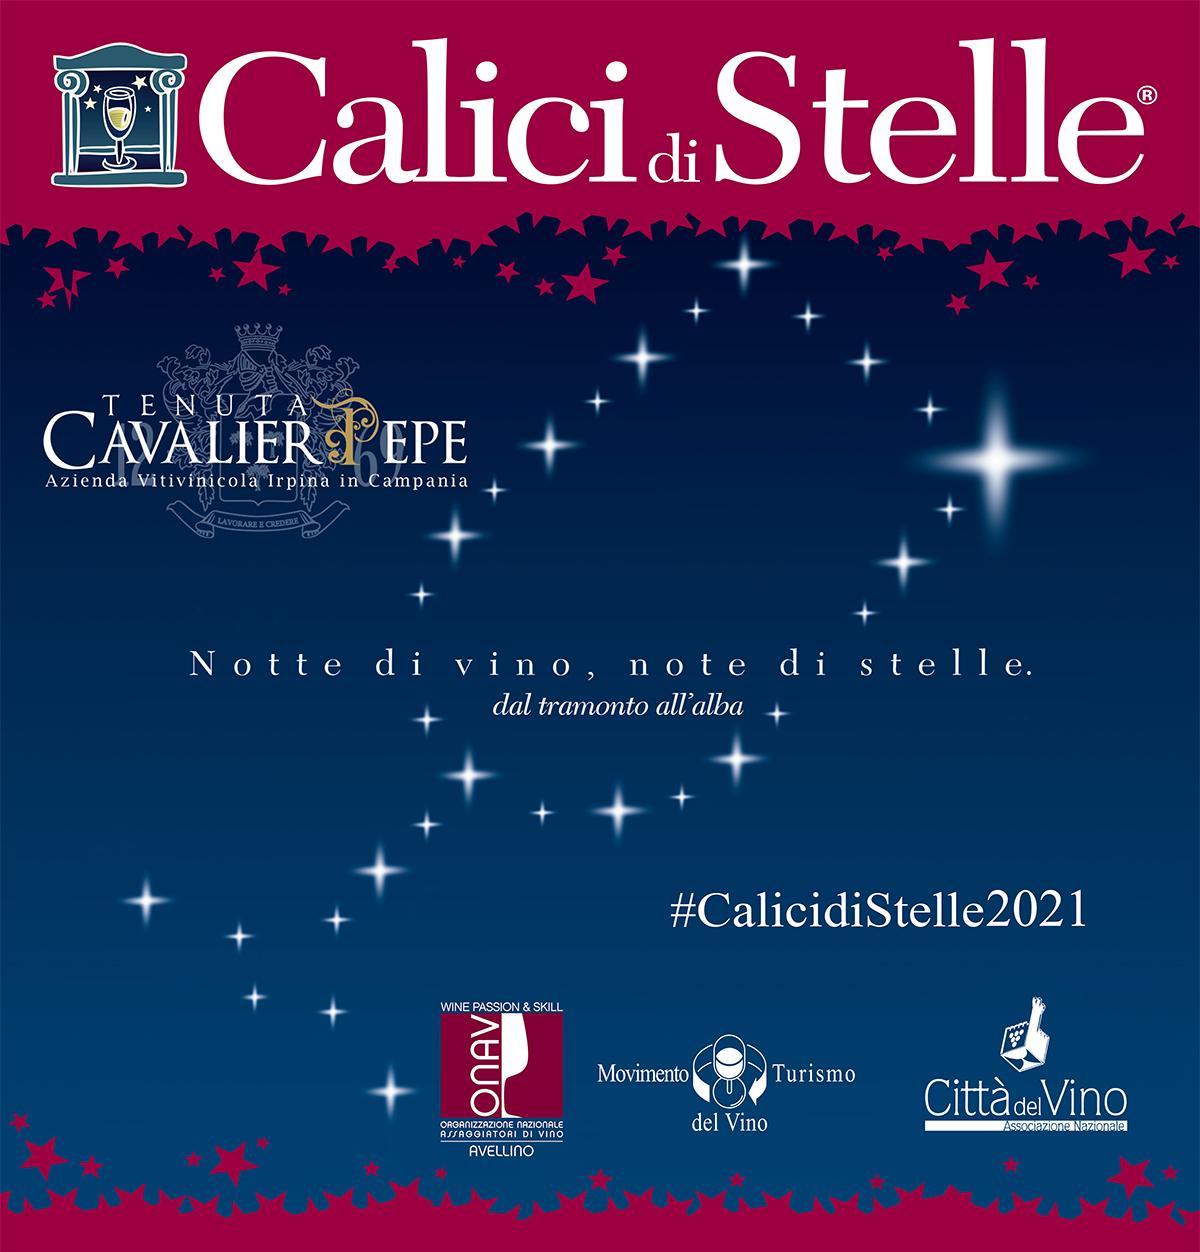 """Serata di Gala alla Tenuta Cavalier Pepe<br> per Calici di Stelle 2021<br>10 Agosto 2021 ore 20:00 <br>presso il Ristorante """"La Veduta""""."""